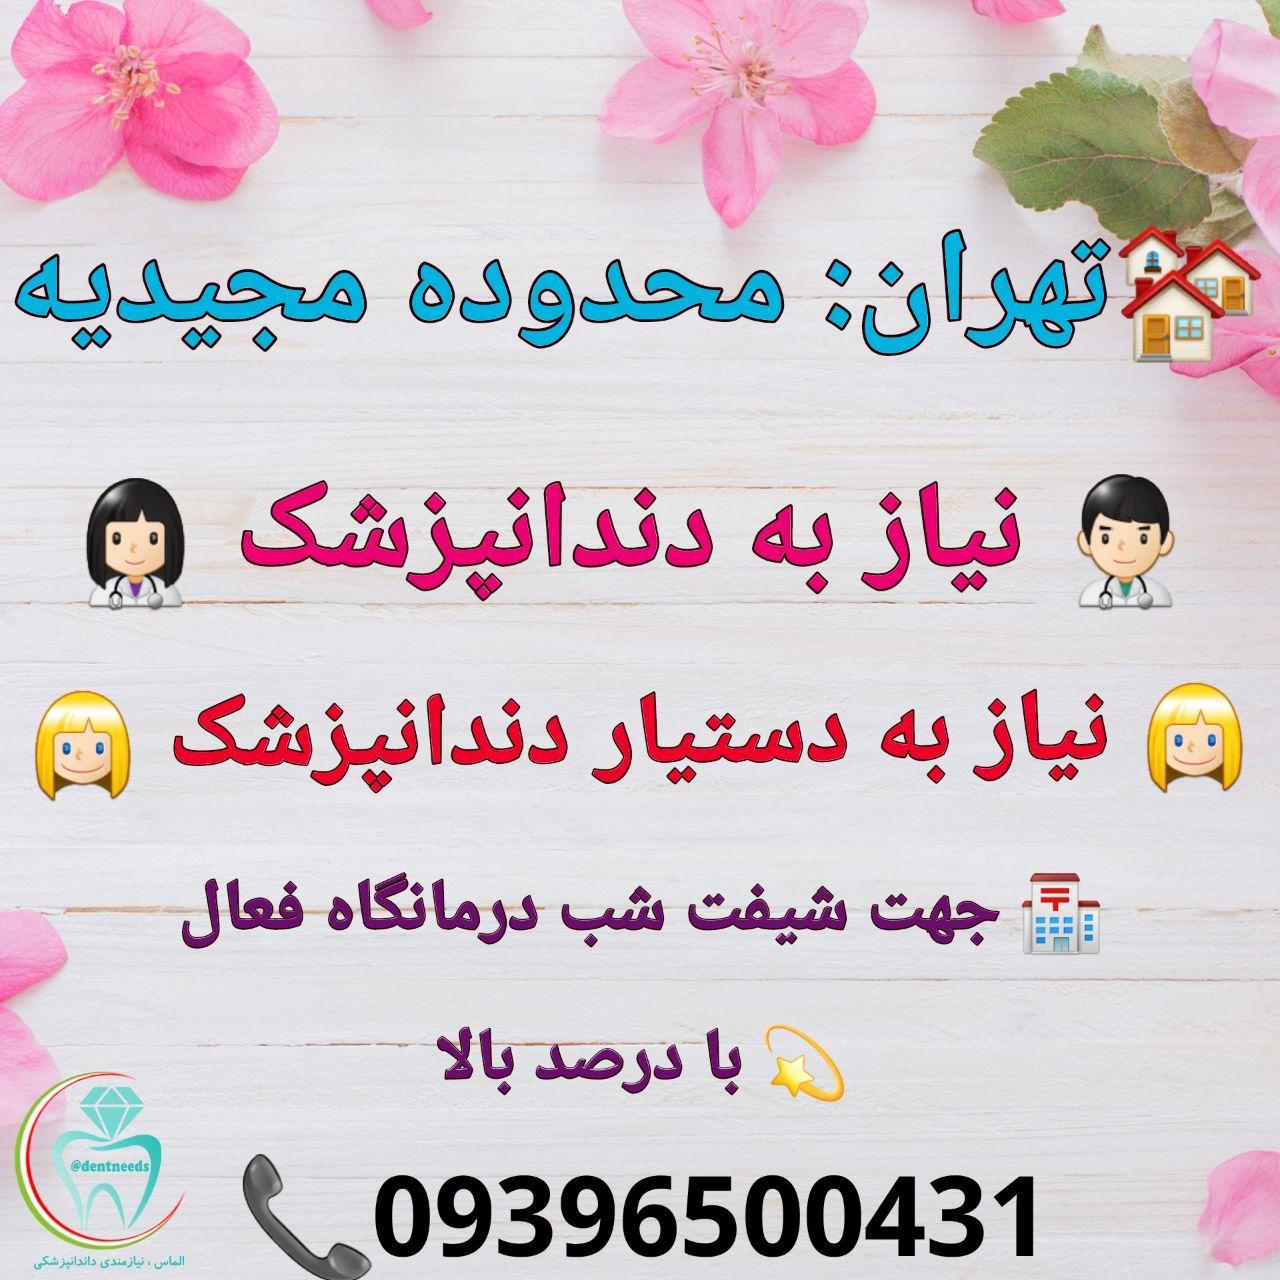 تهران: محدوده مجیدیه، نیاز به دندانپزشک، دستیار دندانپزشک